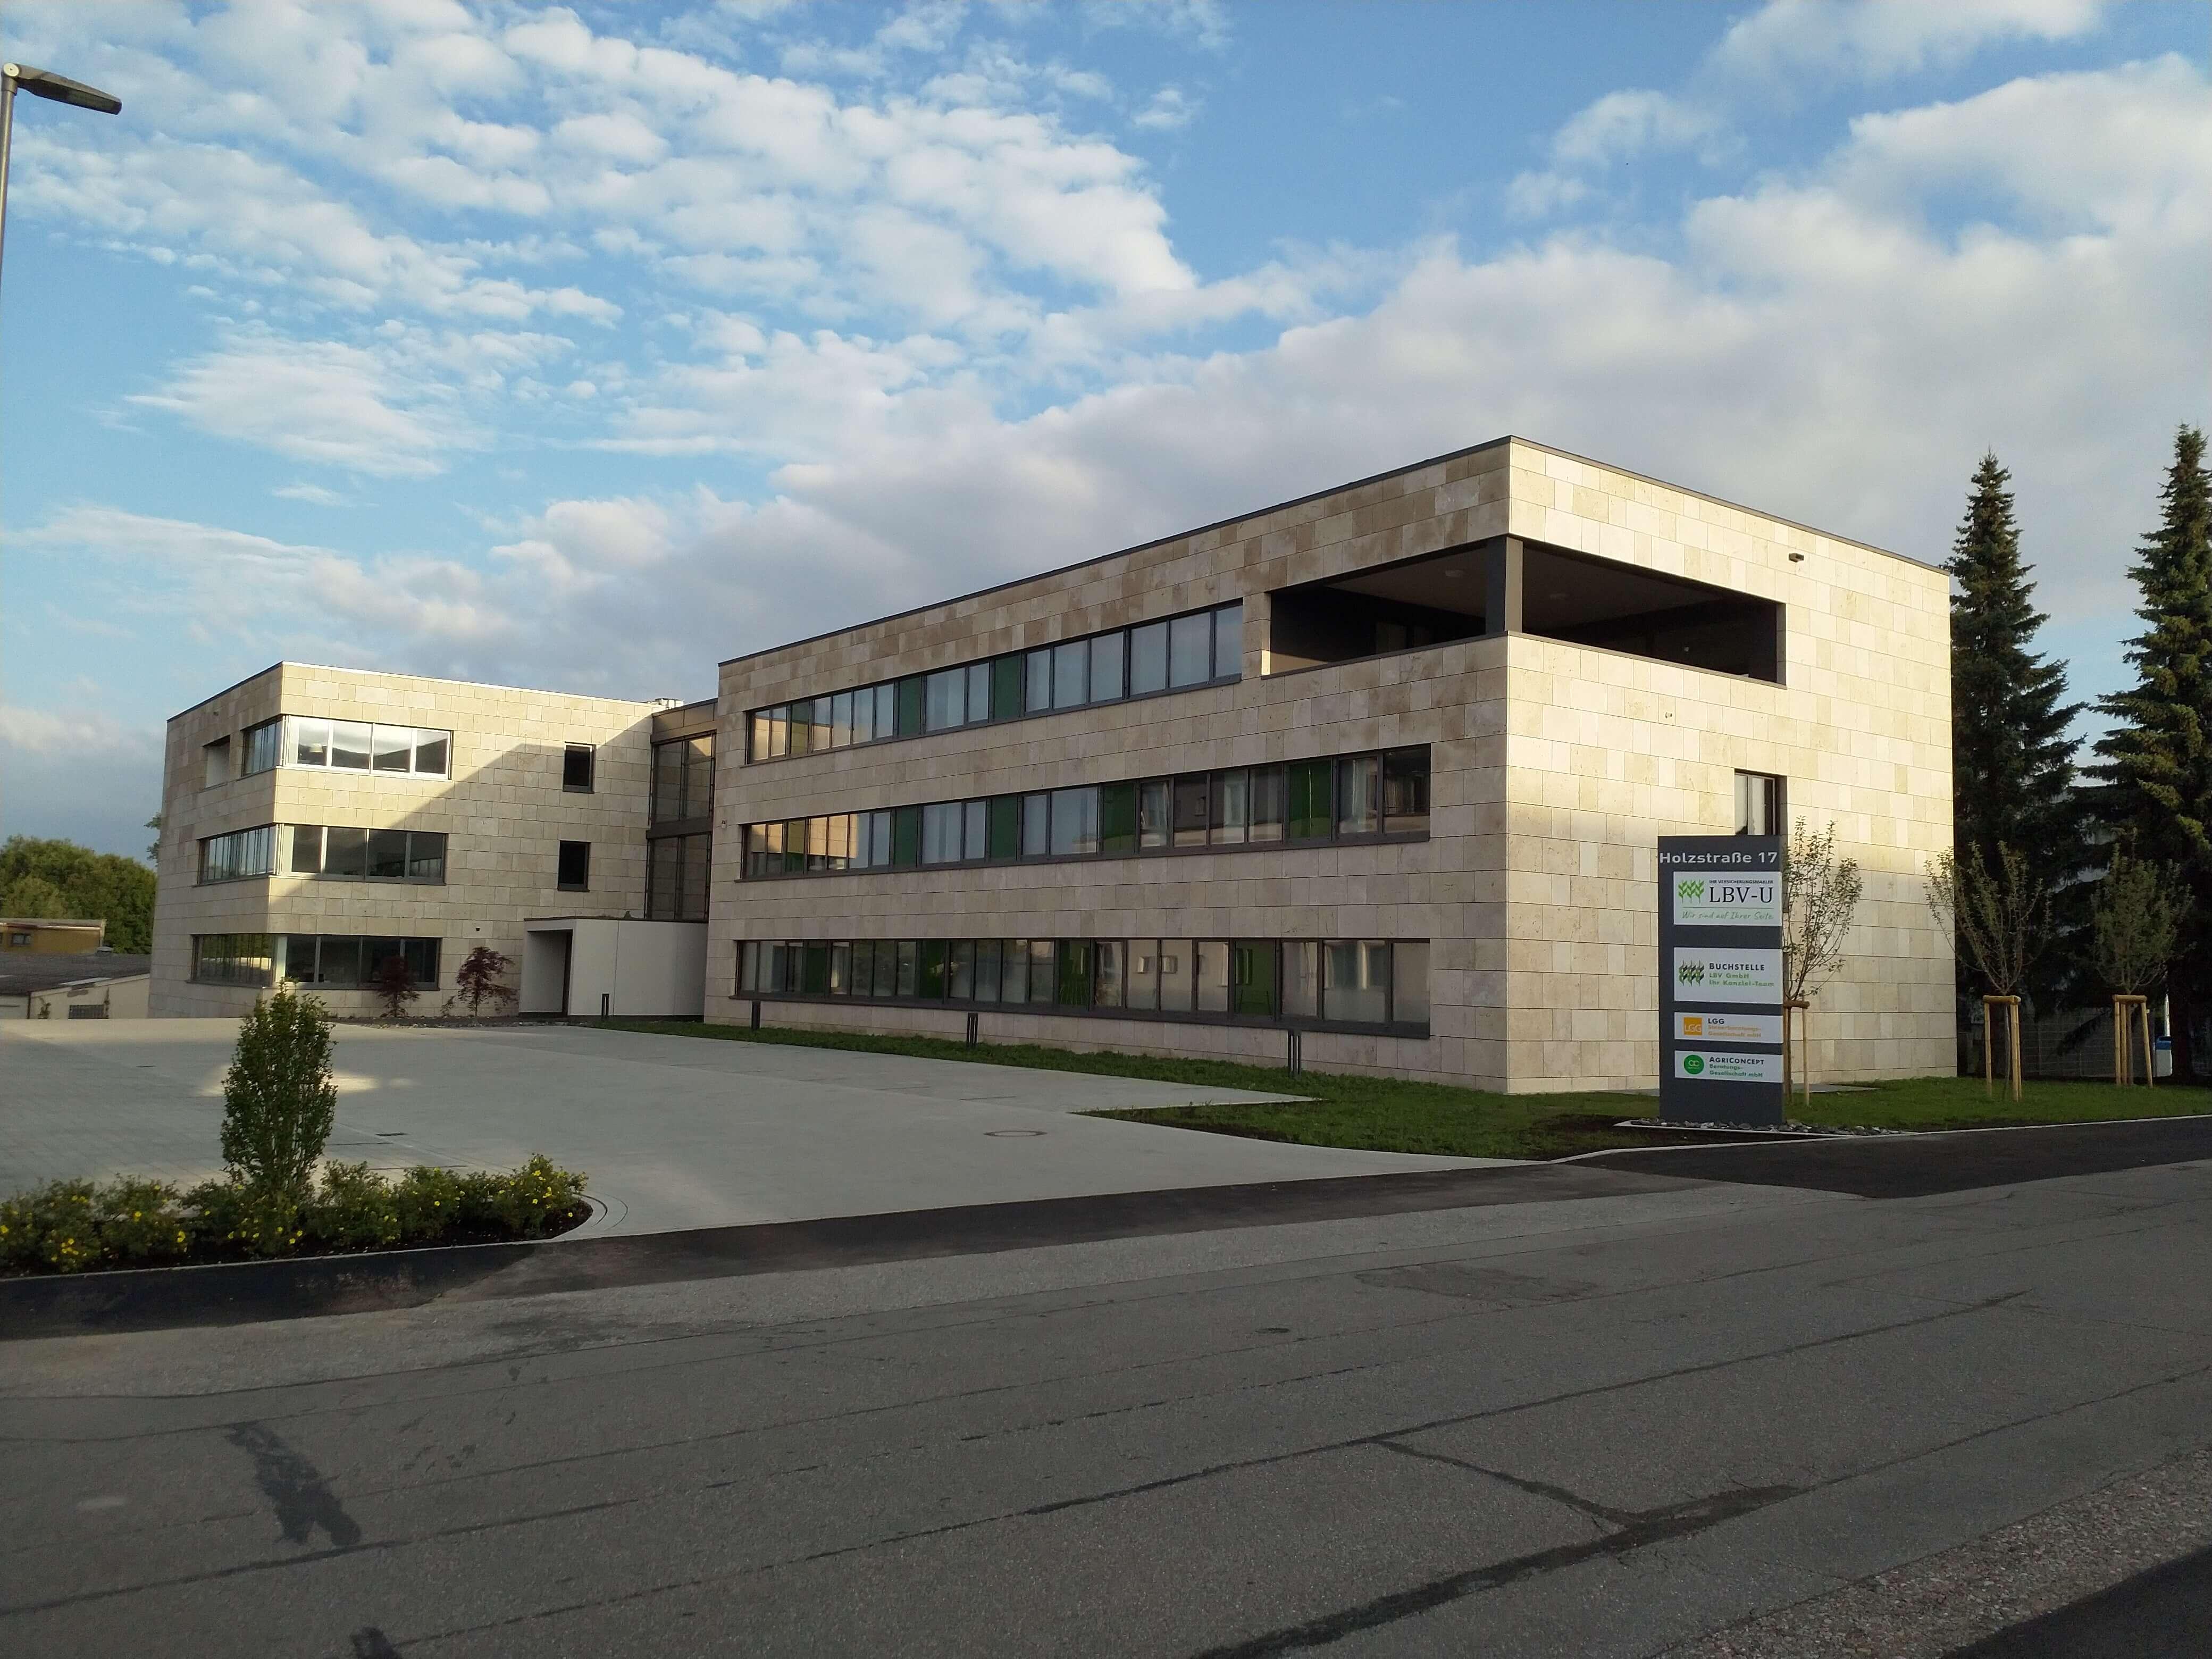 Neubau Bad Waldsee Holzstraße von LBV-U 2021